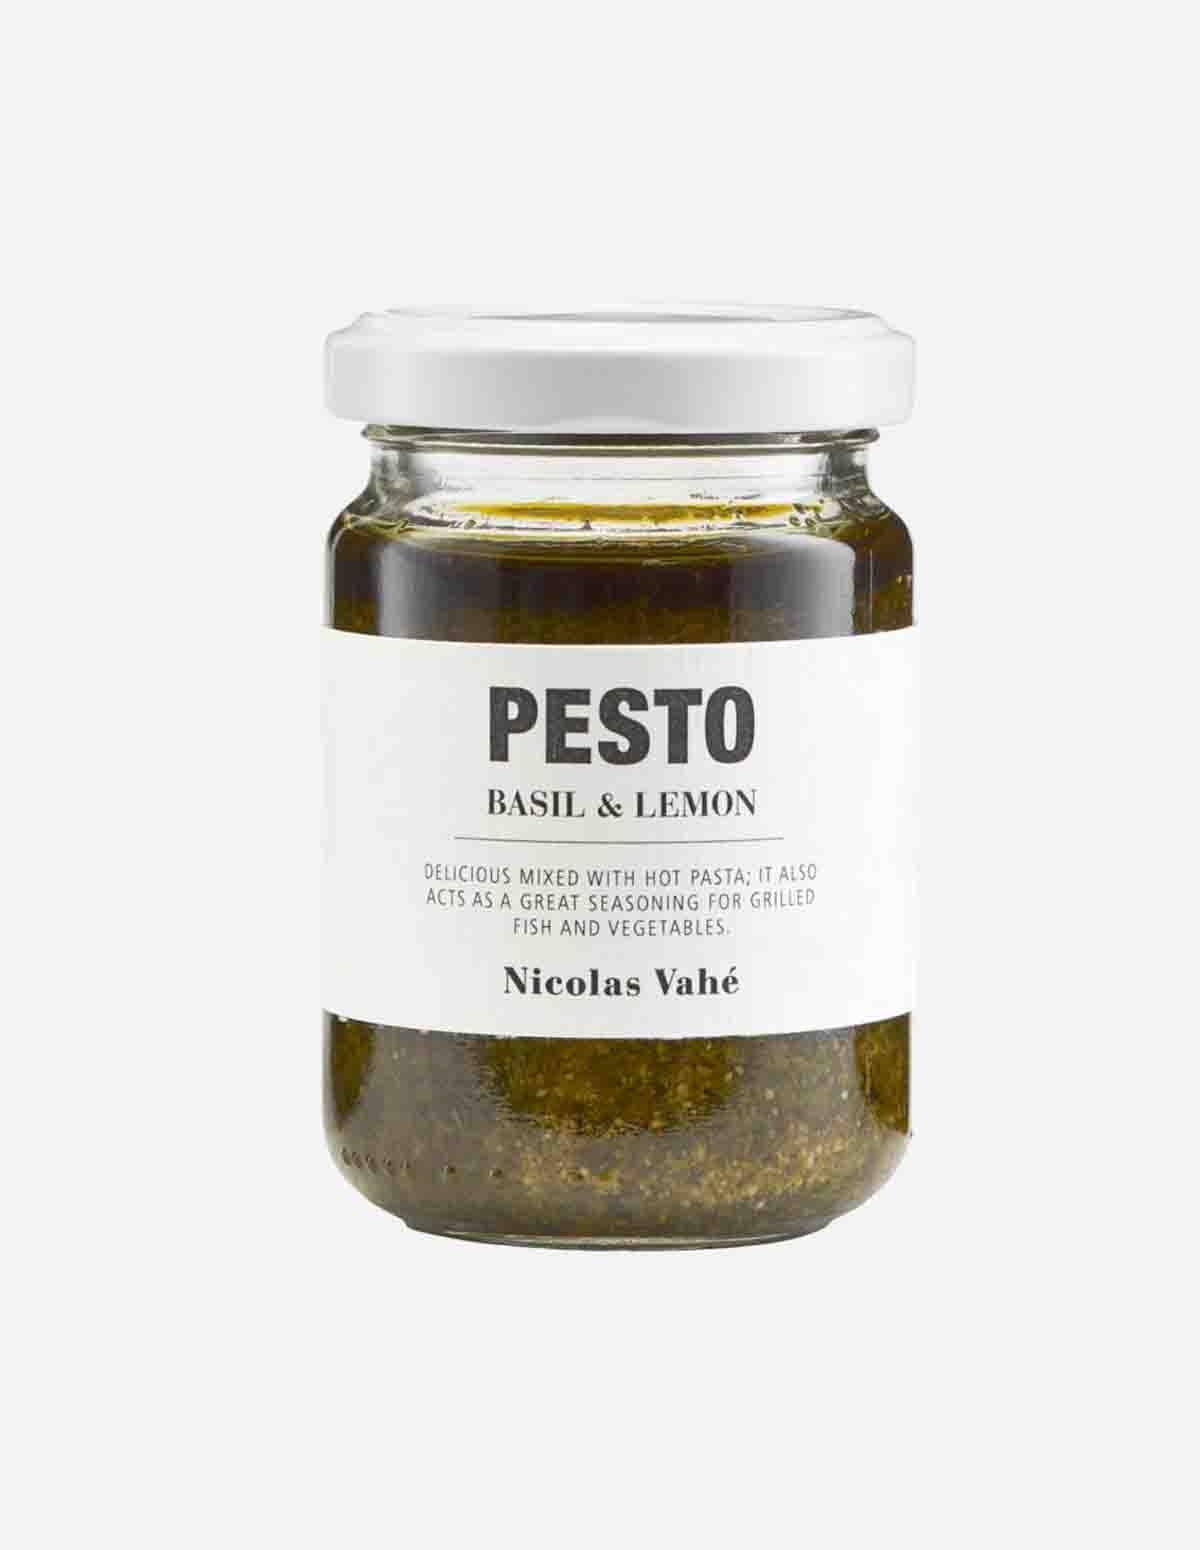 Nv Pesto Basil Lemon